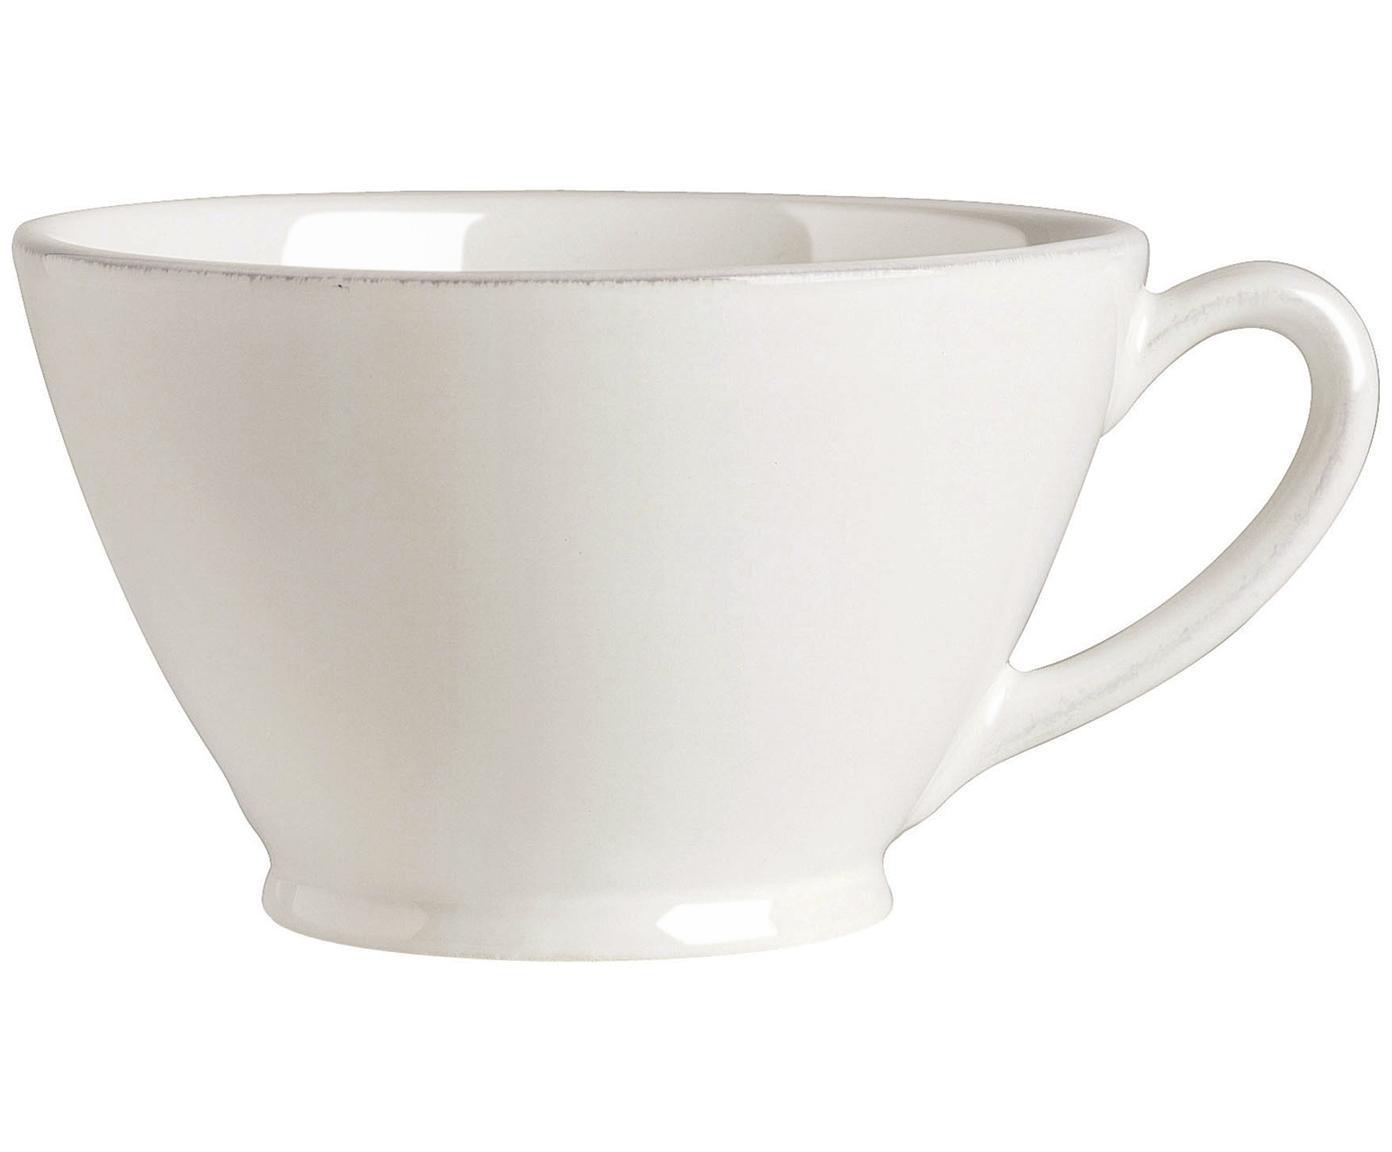 Tazza da te in bianco Constance, Ceramica, Bianco, Ø 18 x Alt. 9 cm